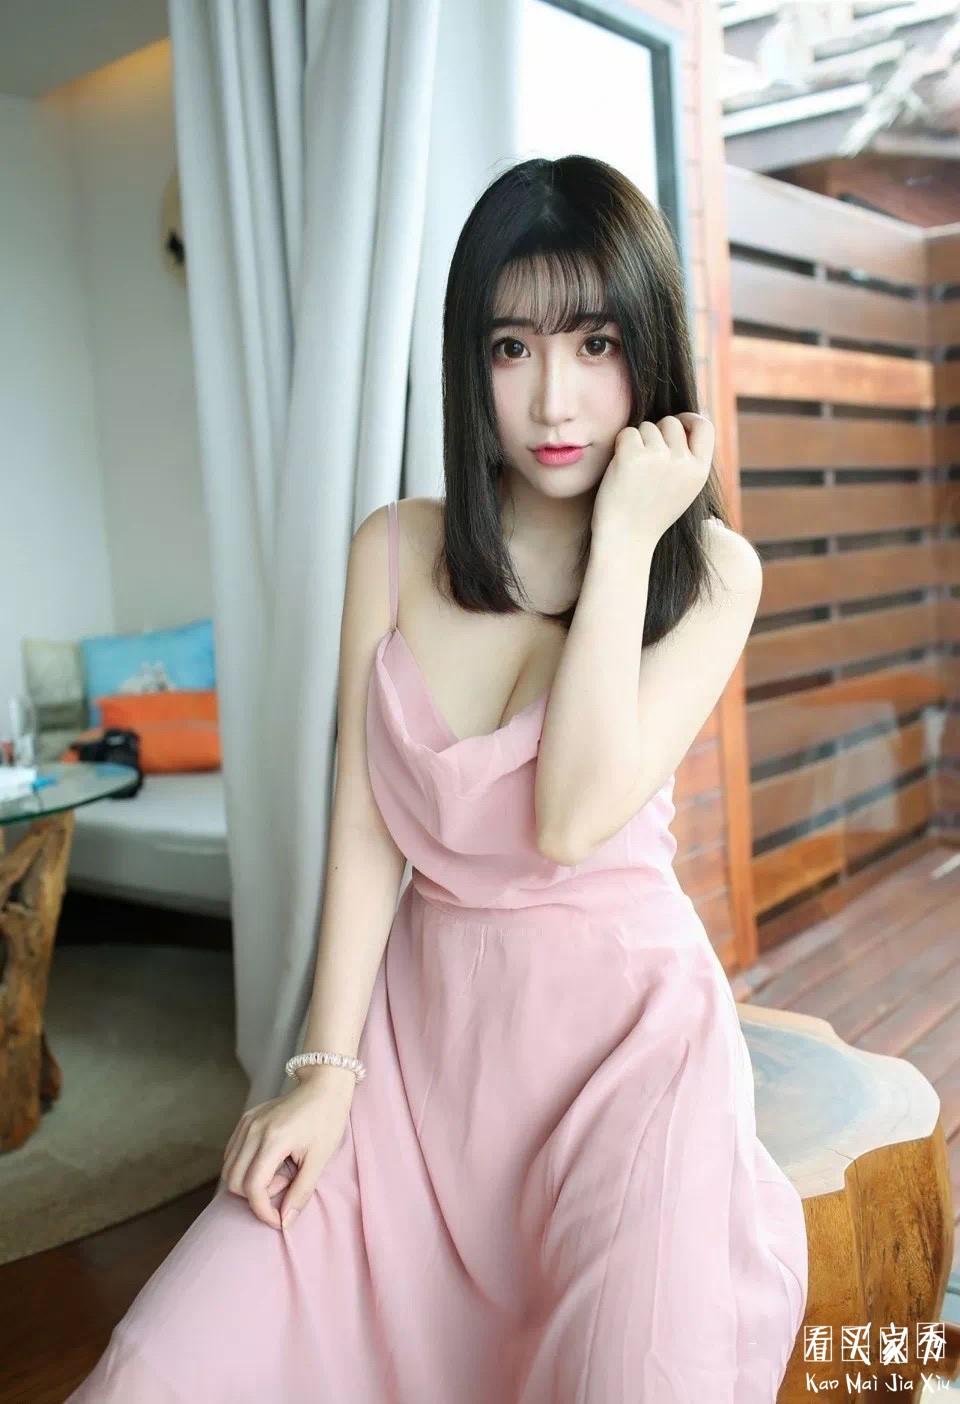 小姐姐依稀粉色吊带裙买家秀,仙女味十足,就是为什么老把裙子掀起来拍照呢?1